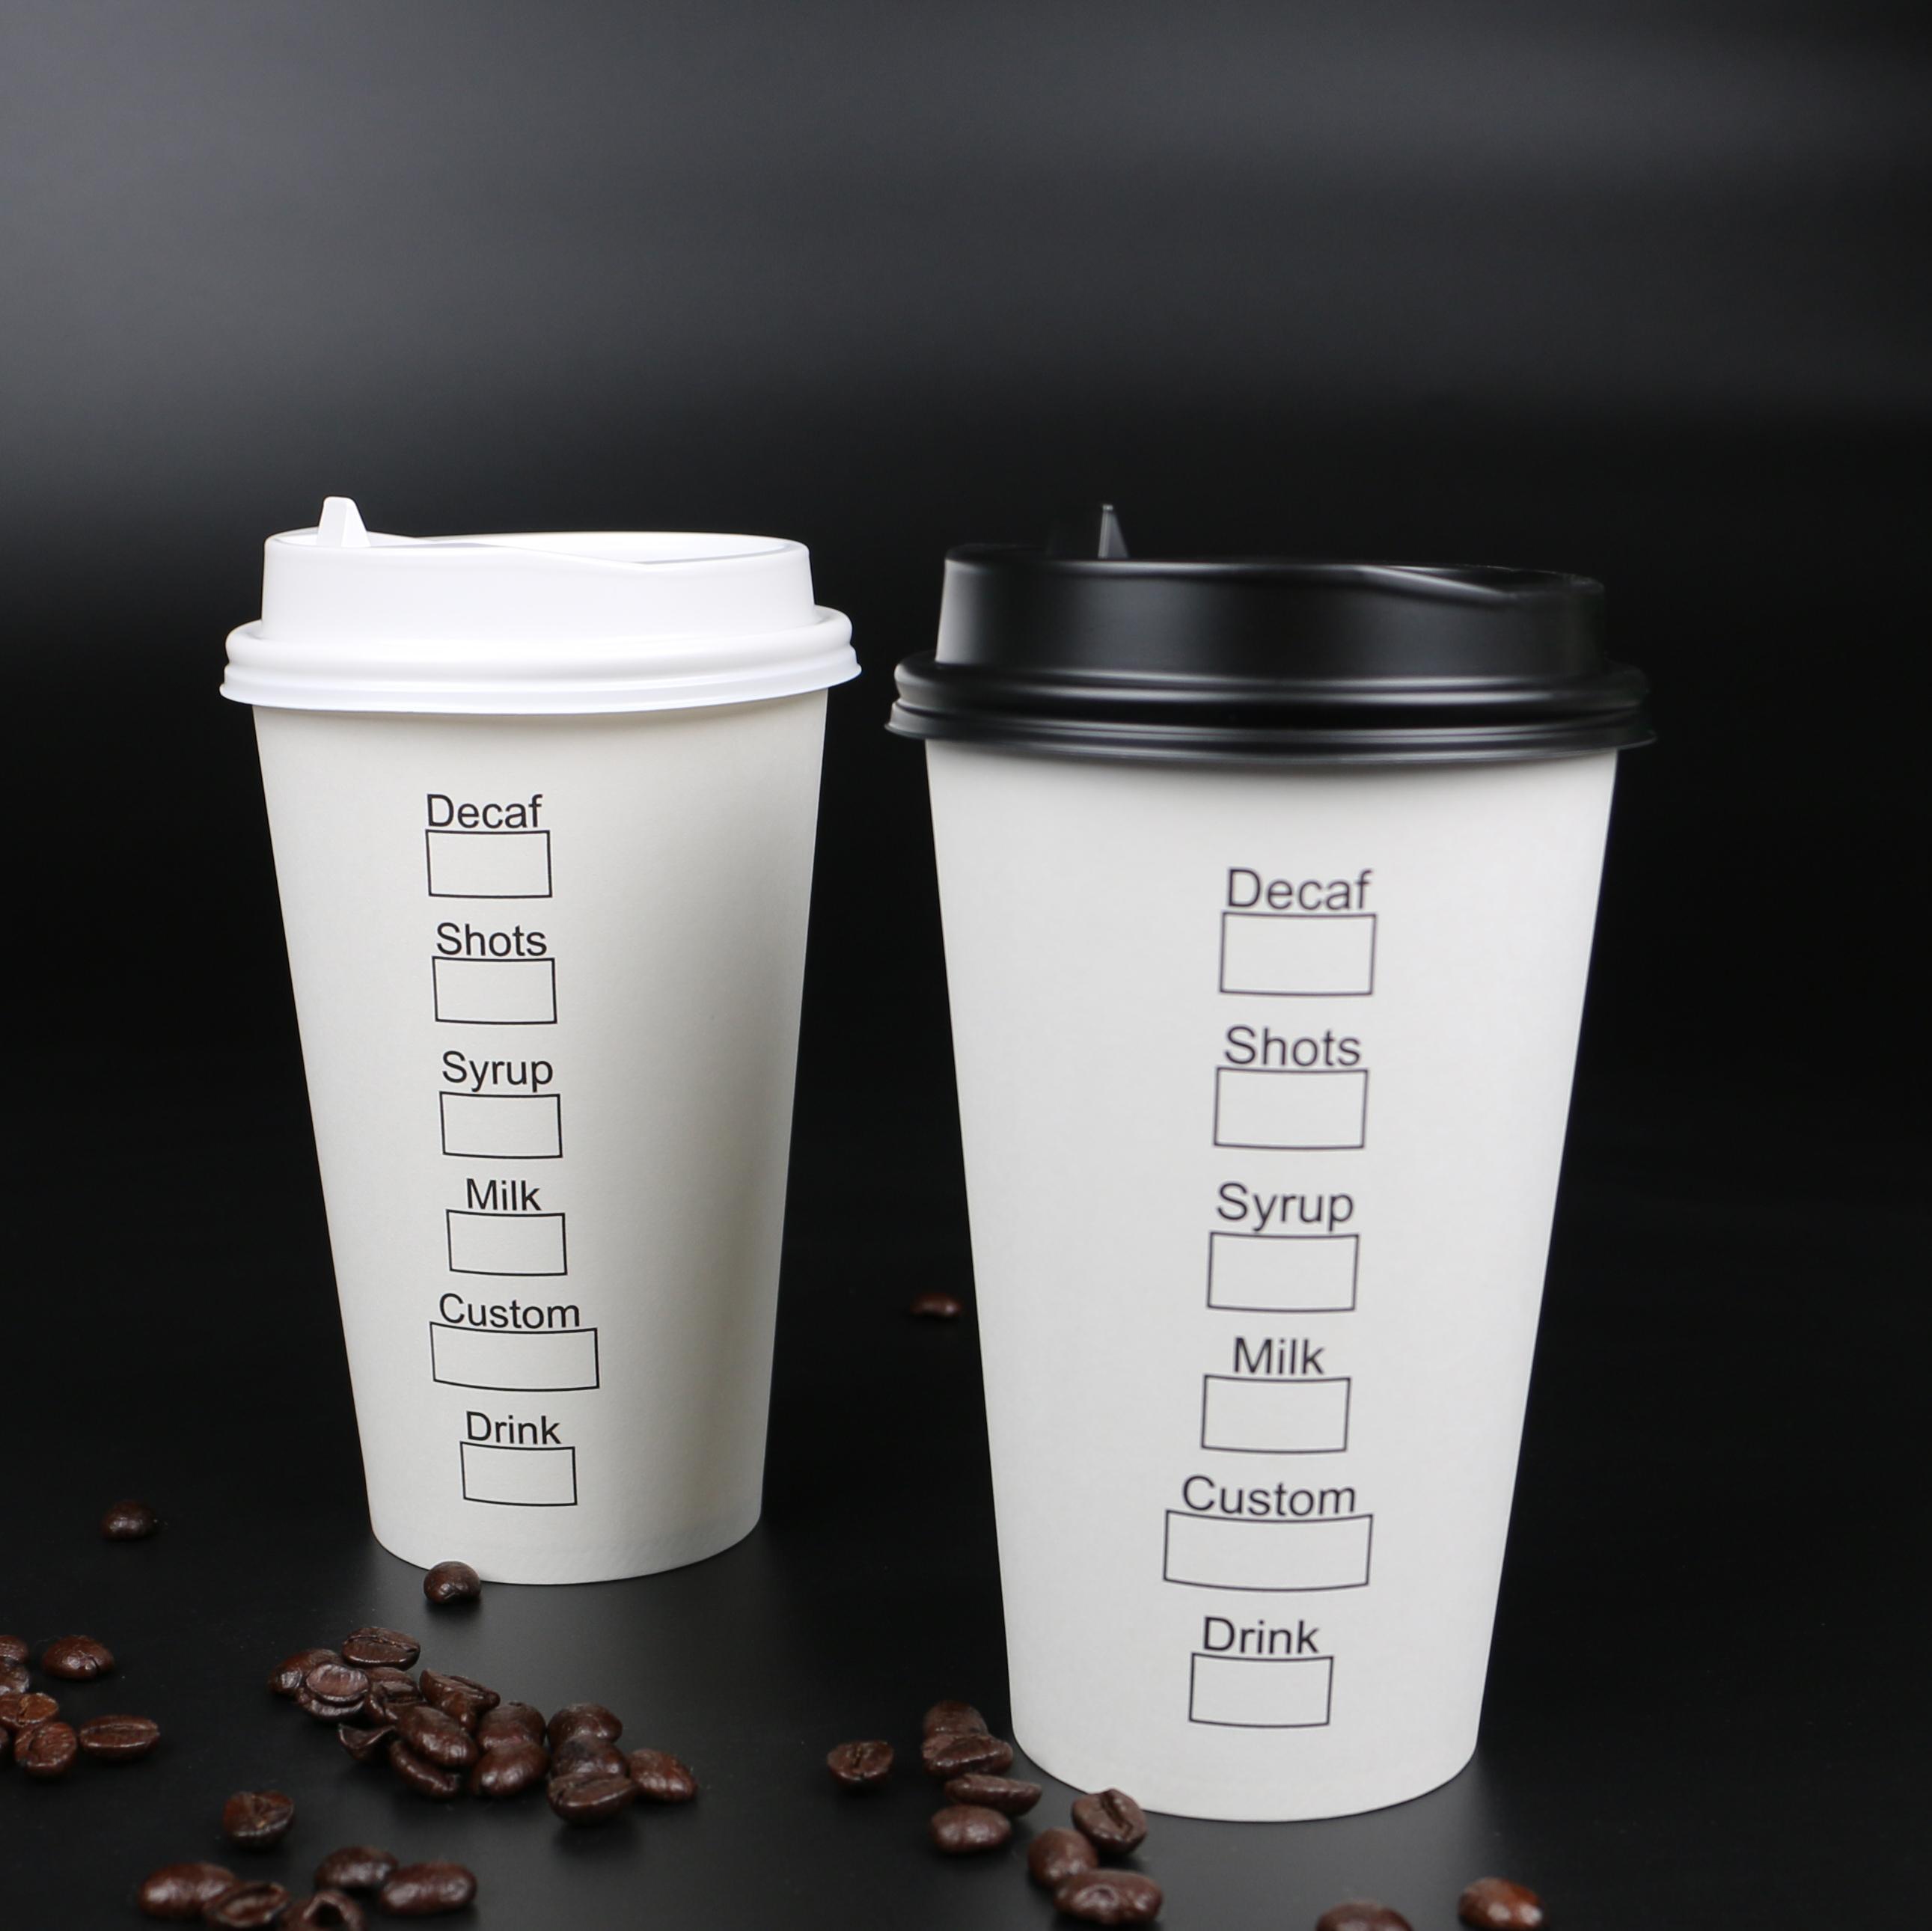 庞度一次性咖啡奶茶纸杯加厚热饮杯16oz打包外带纸杯100只